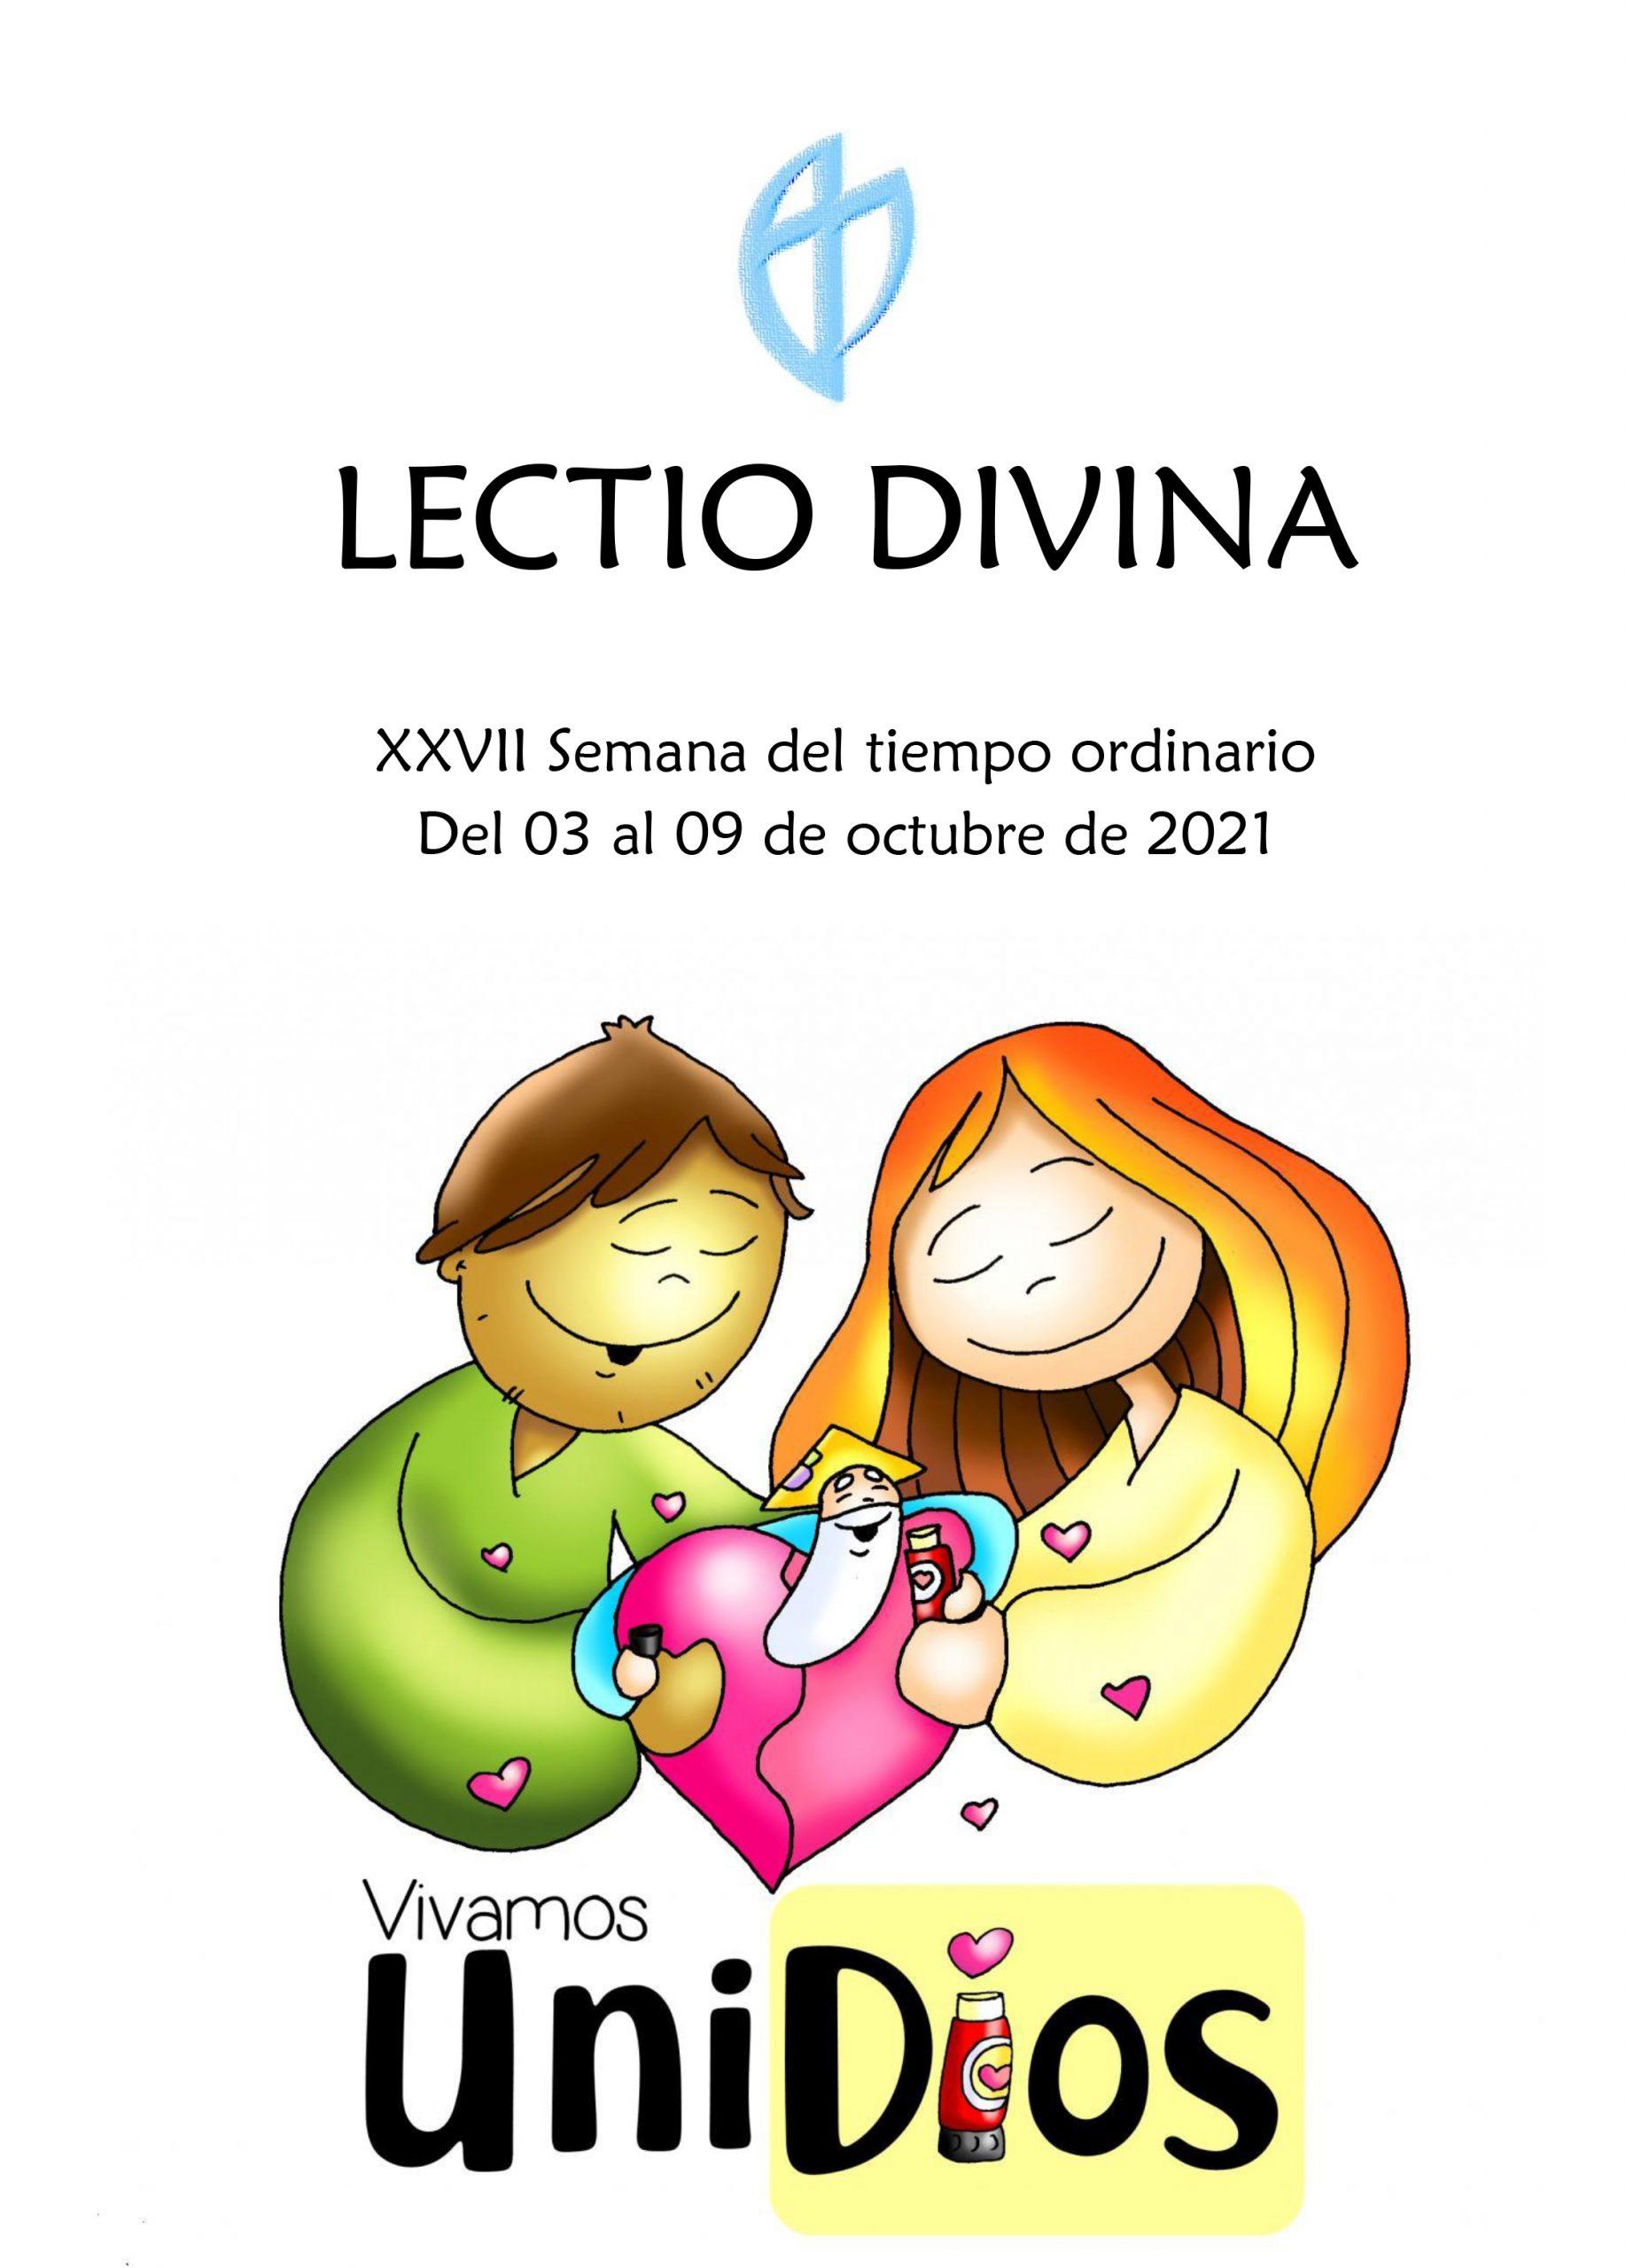 XXVII Semana del tiempo ordinario (del 03 al 09 de octubre de 2021)